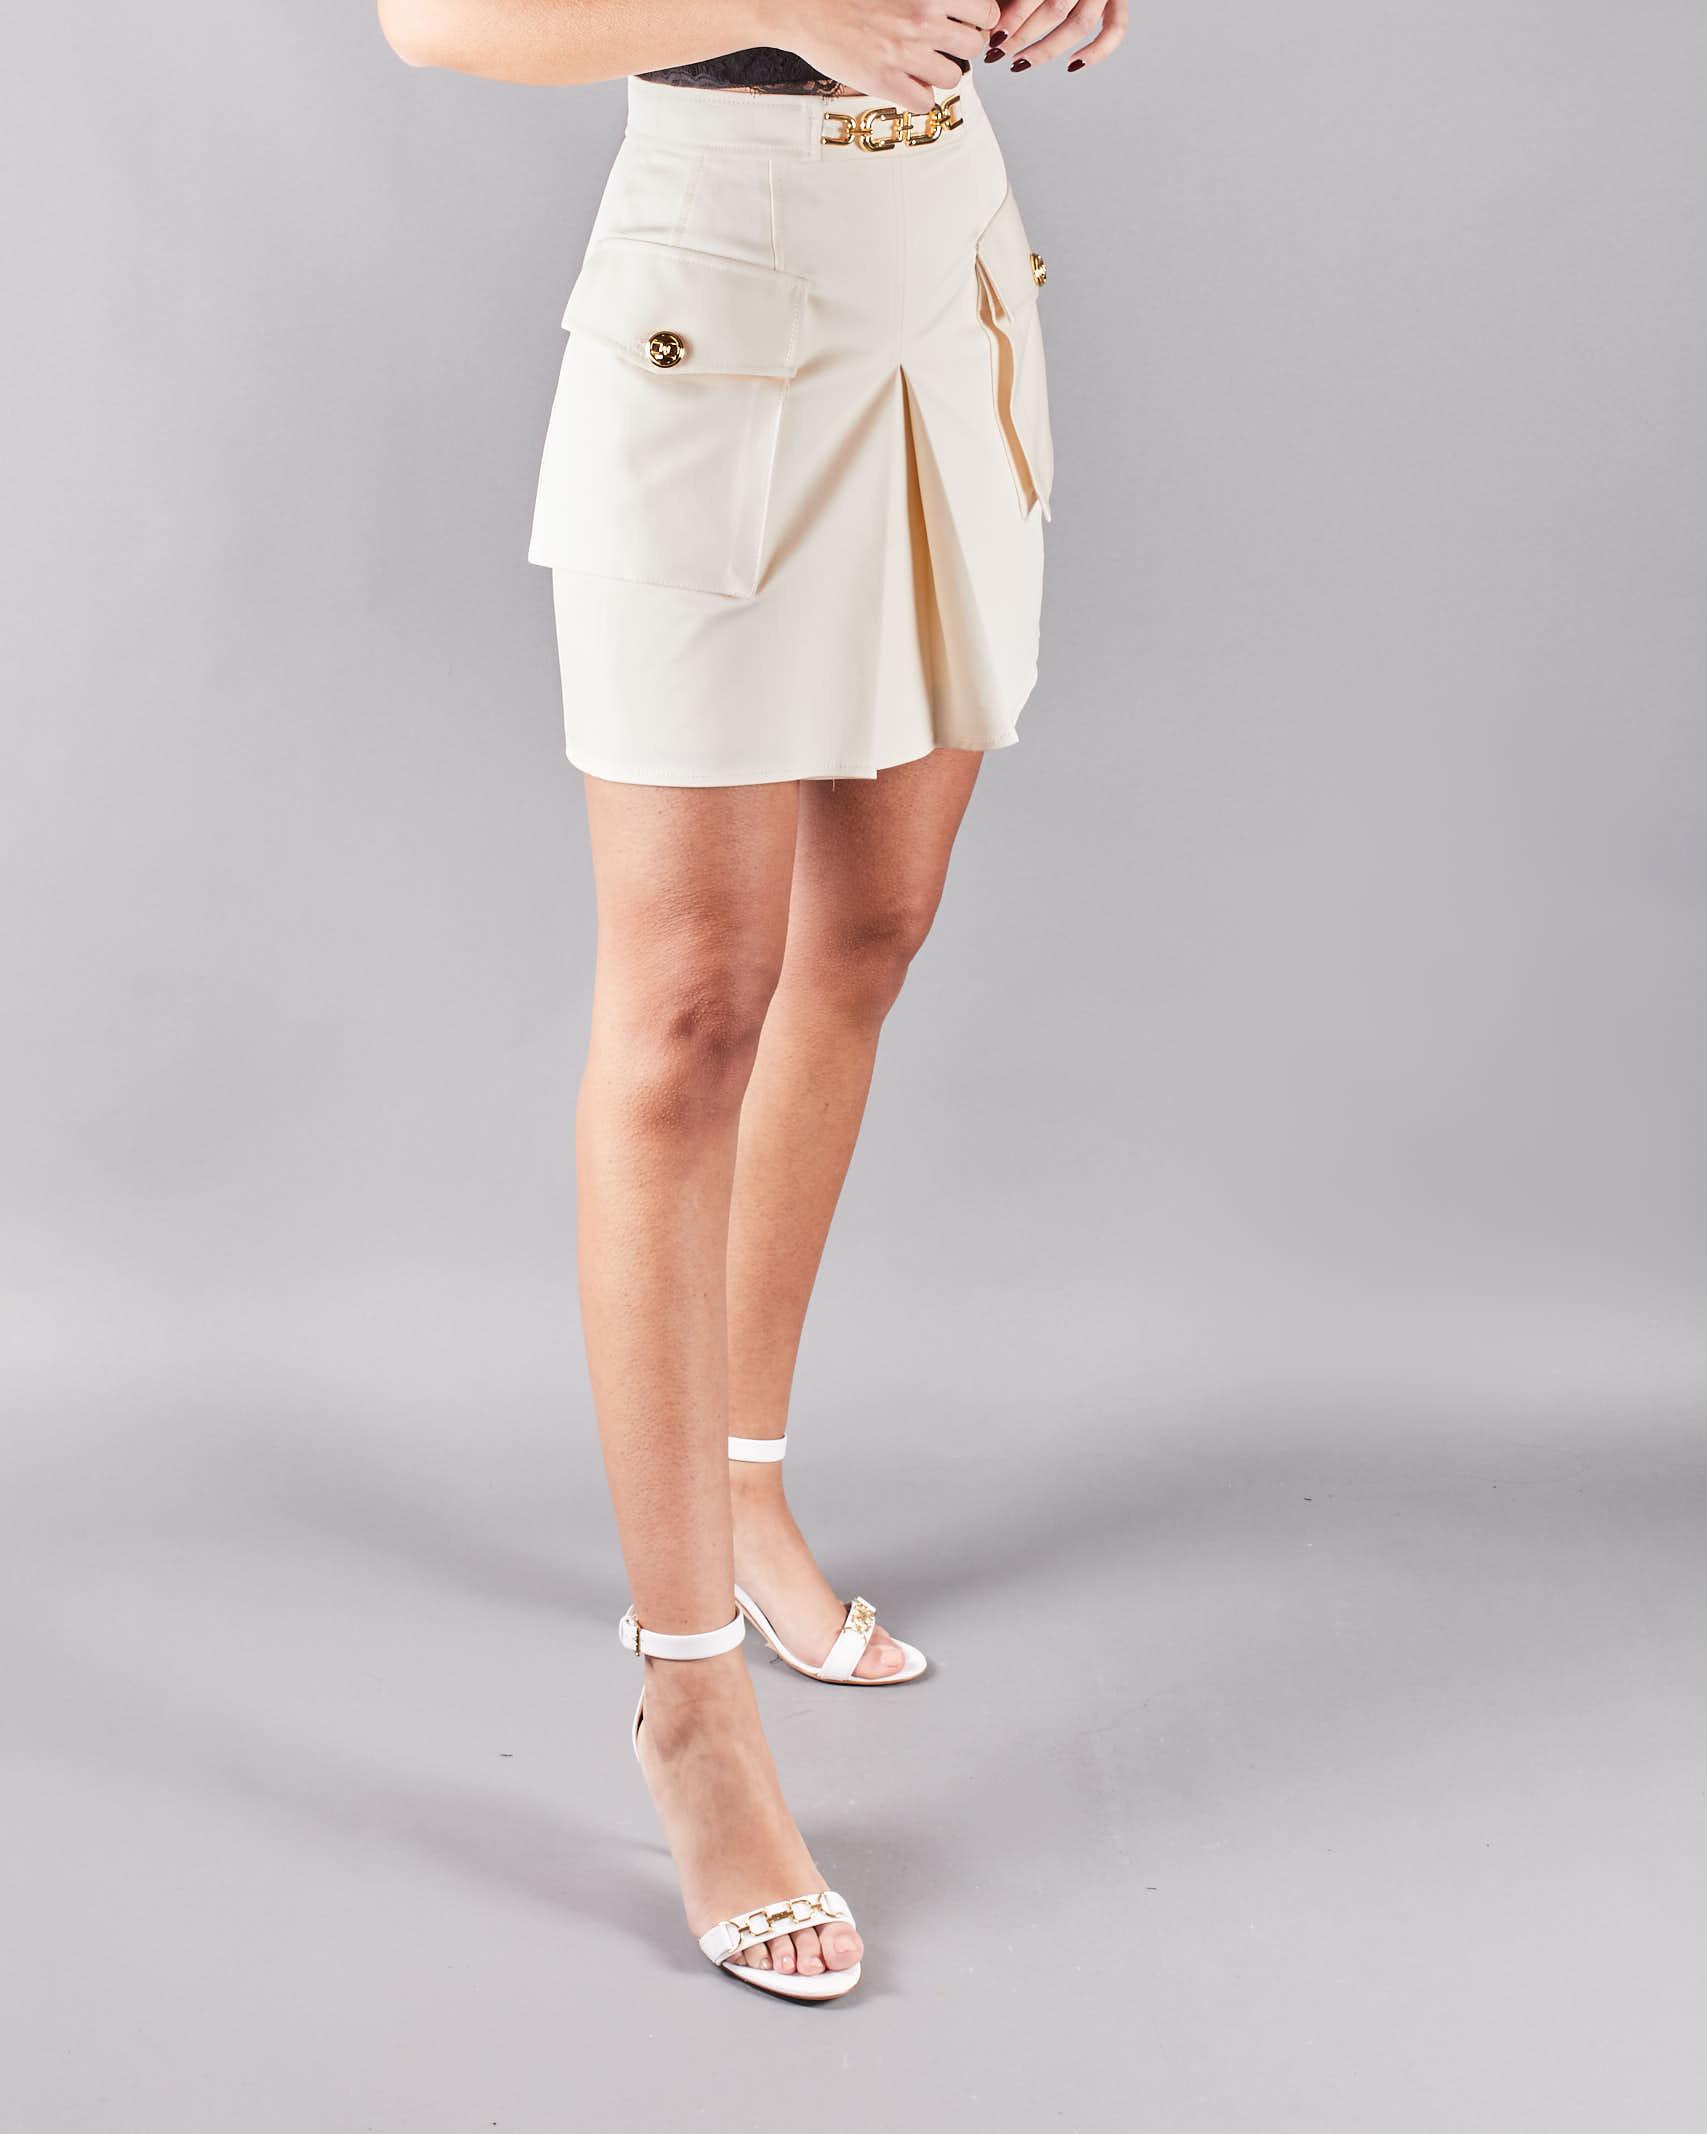 Gonna mini con doppia tasca e morsetto light gold Elisabetta Franchi ELISABETTA FRANCHI | Gonna | GO47111E2193